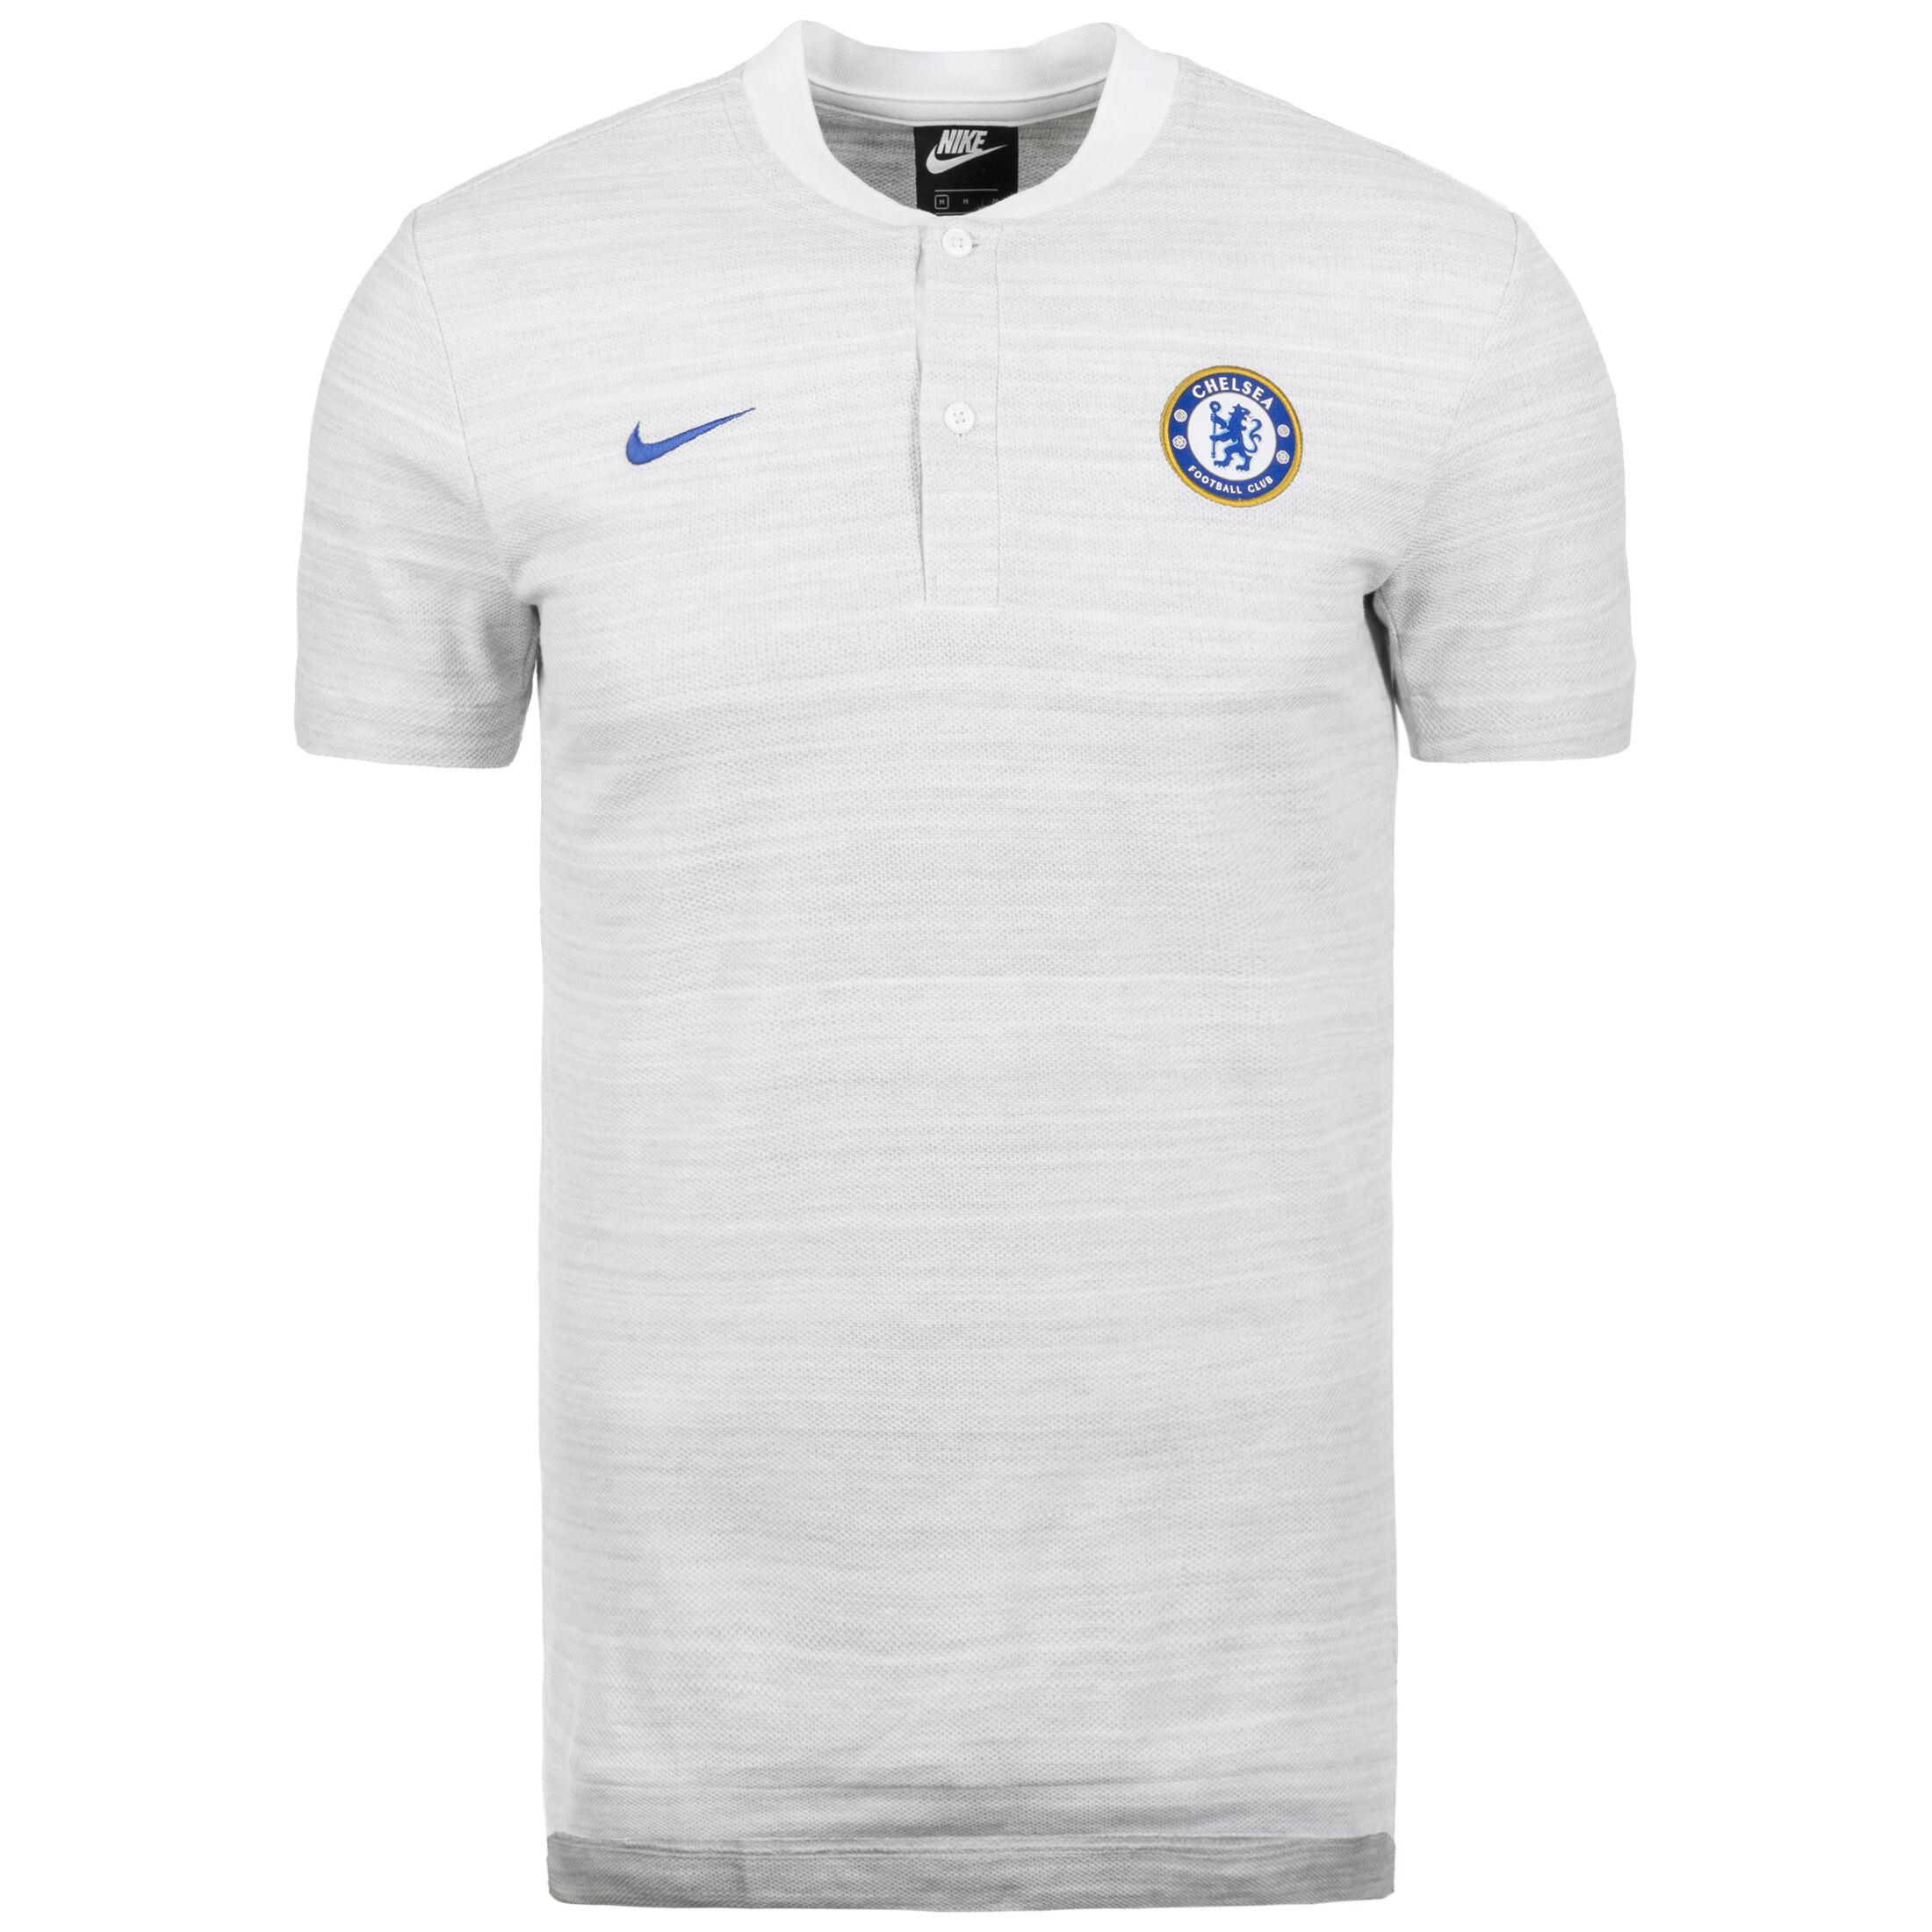 Outfitter T Fc Chelsea Nike Herren Bei Performance Slam Grand Shirt tshrdQCBxo